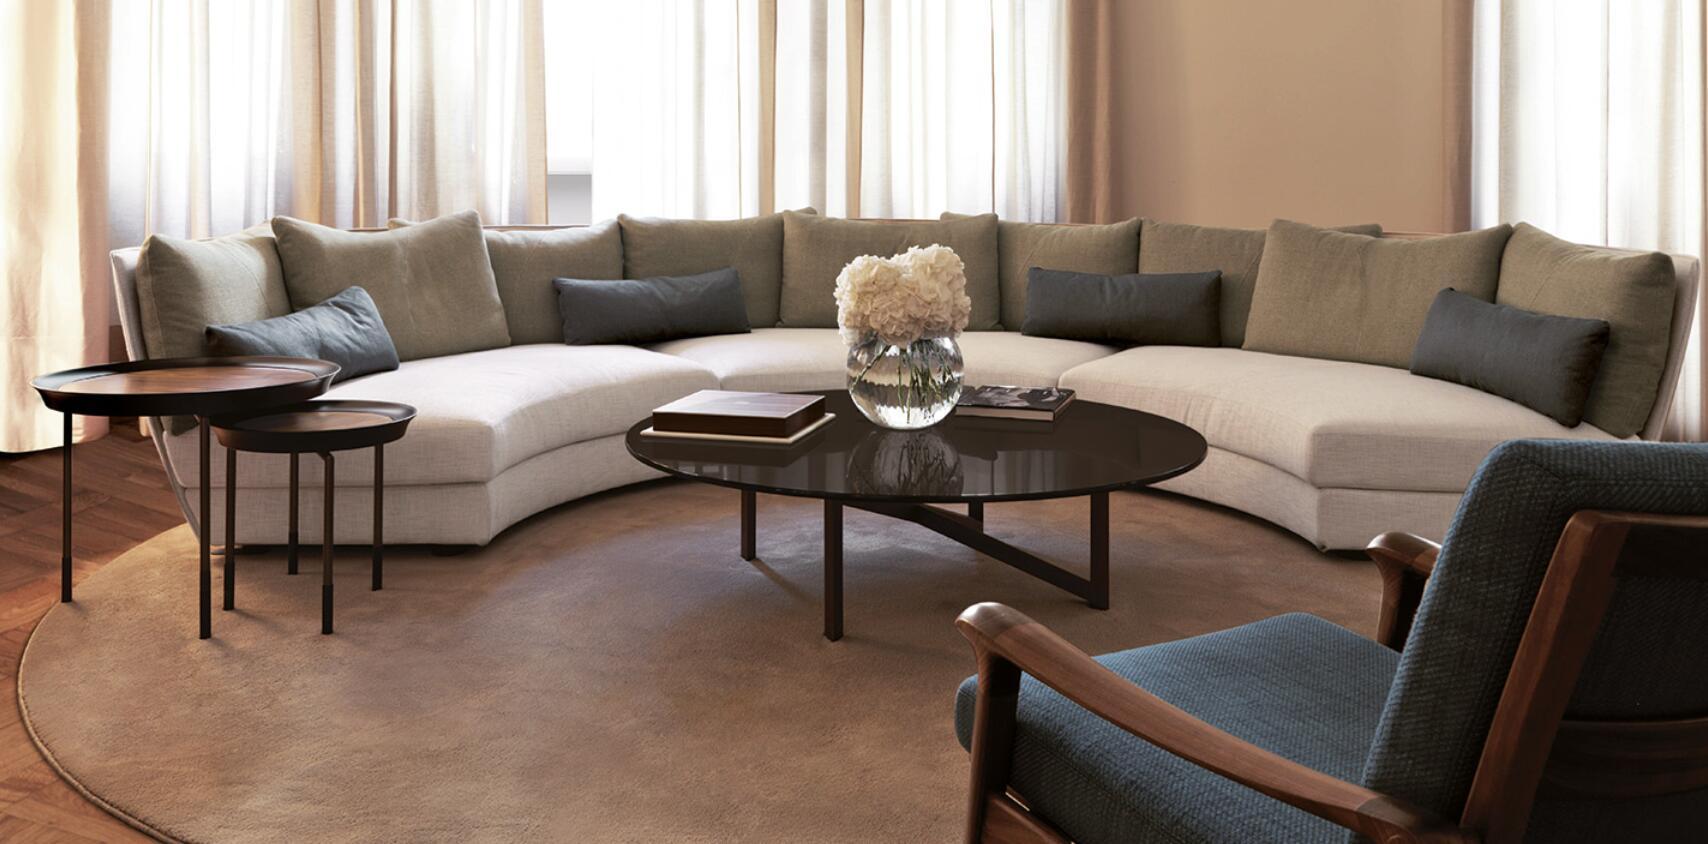 Giorgetti 沙发 Dhow 系列 半圆形家具会议沙发多人沙发面料规格颜色可定制